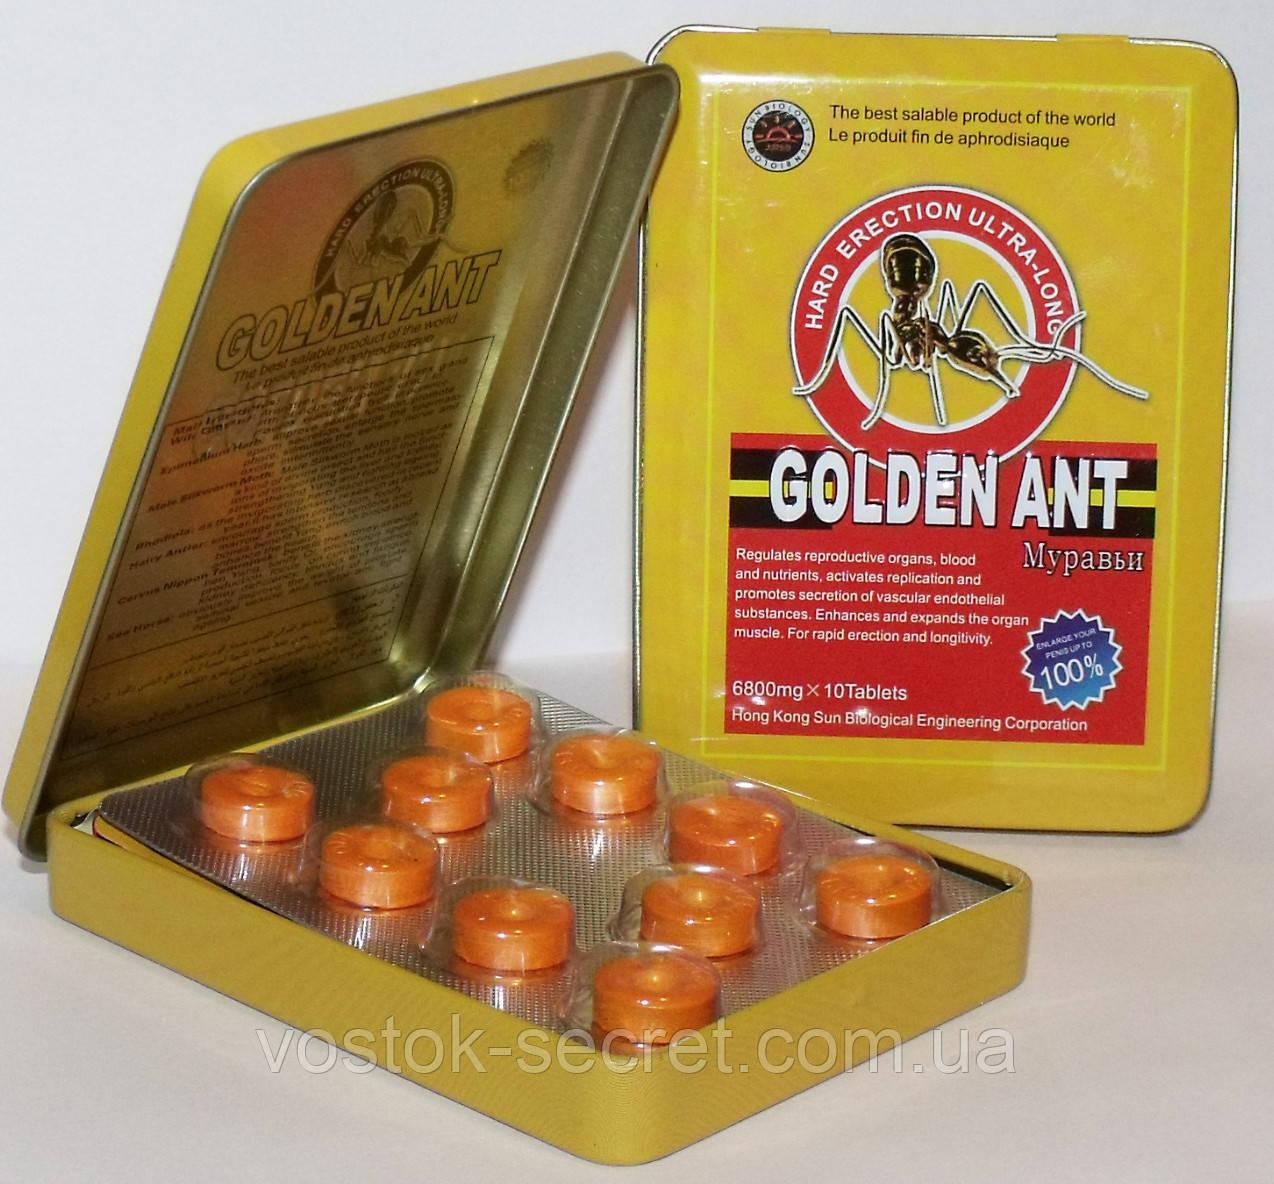 Препарат для потенции Golden Ant - Золотой Муравей